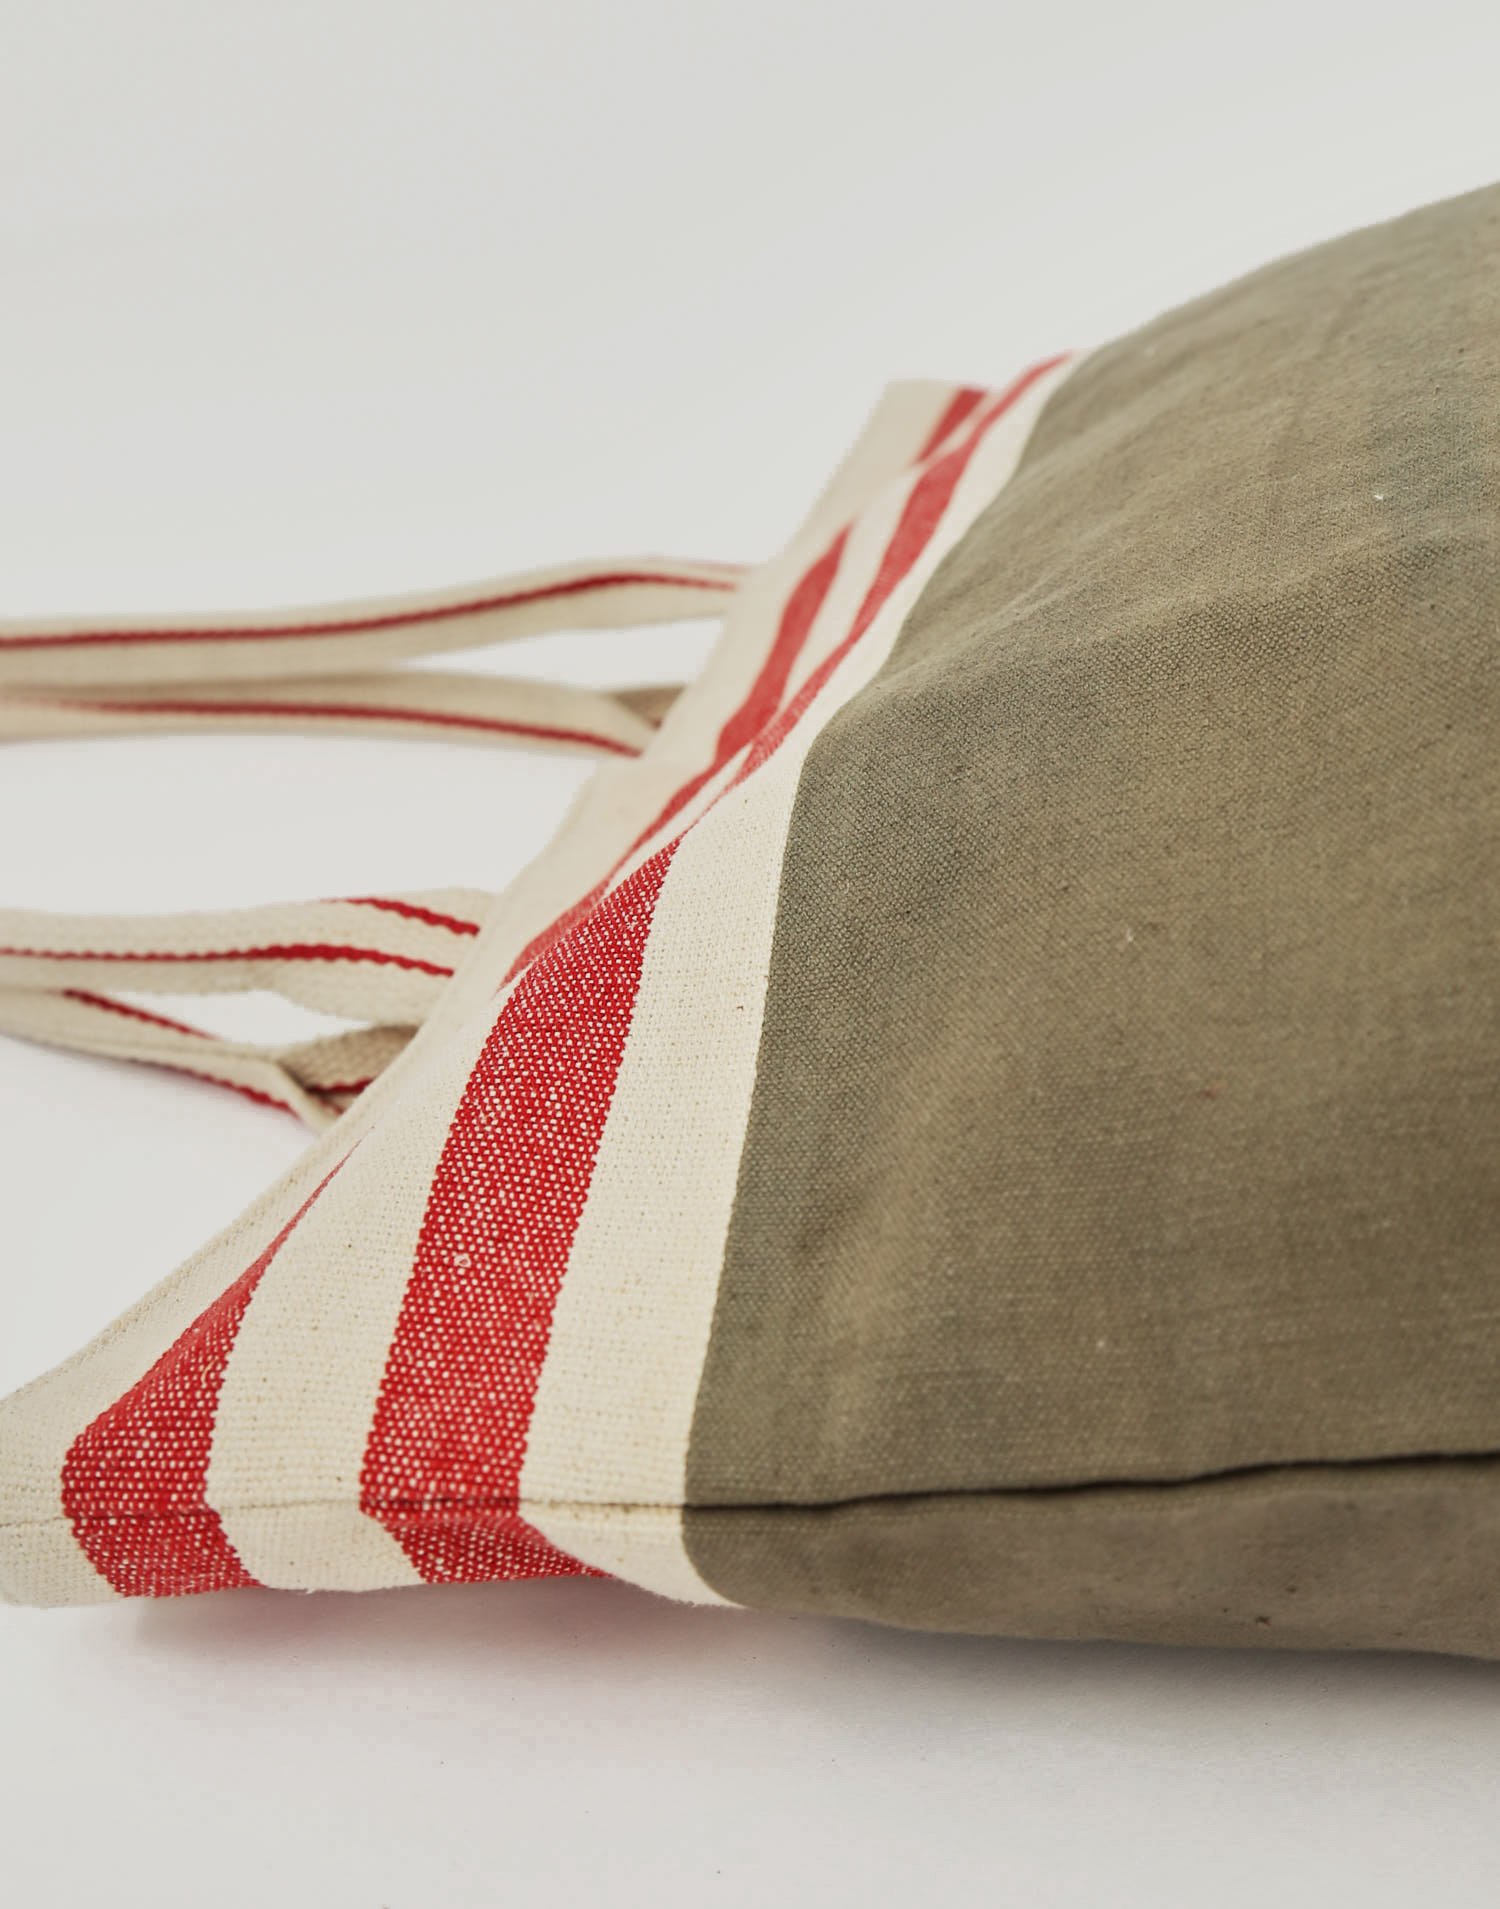 Striped cotton tote bag